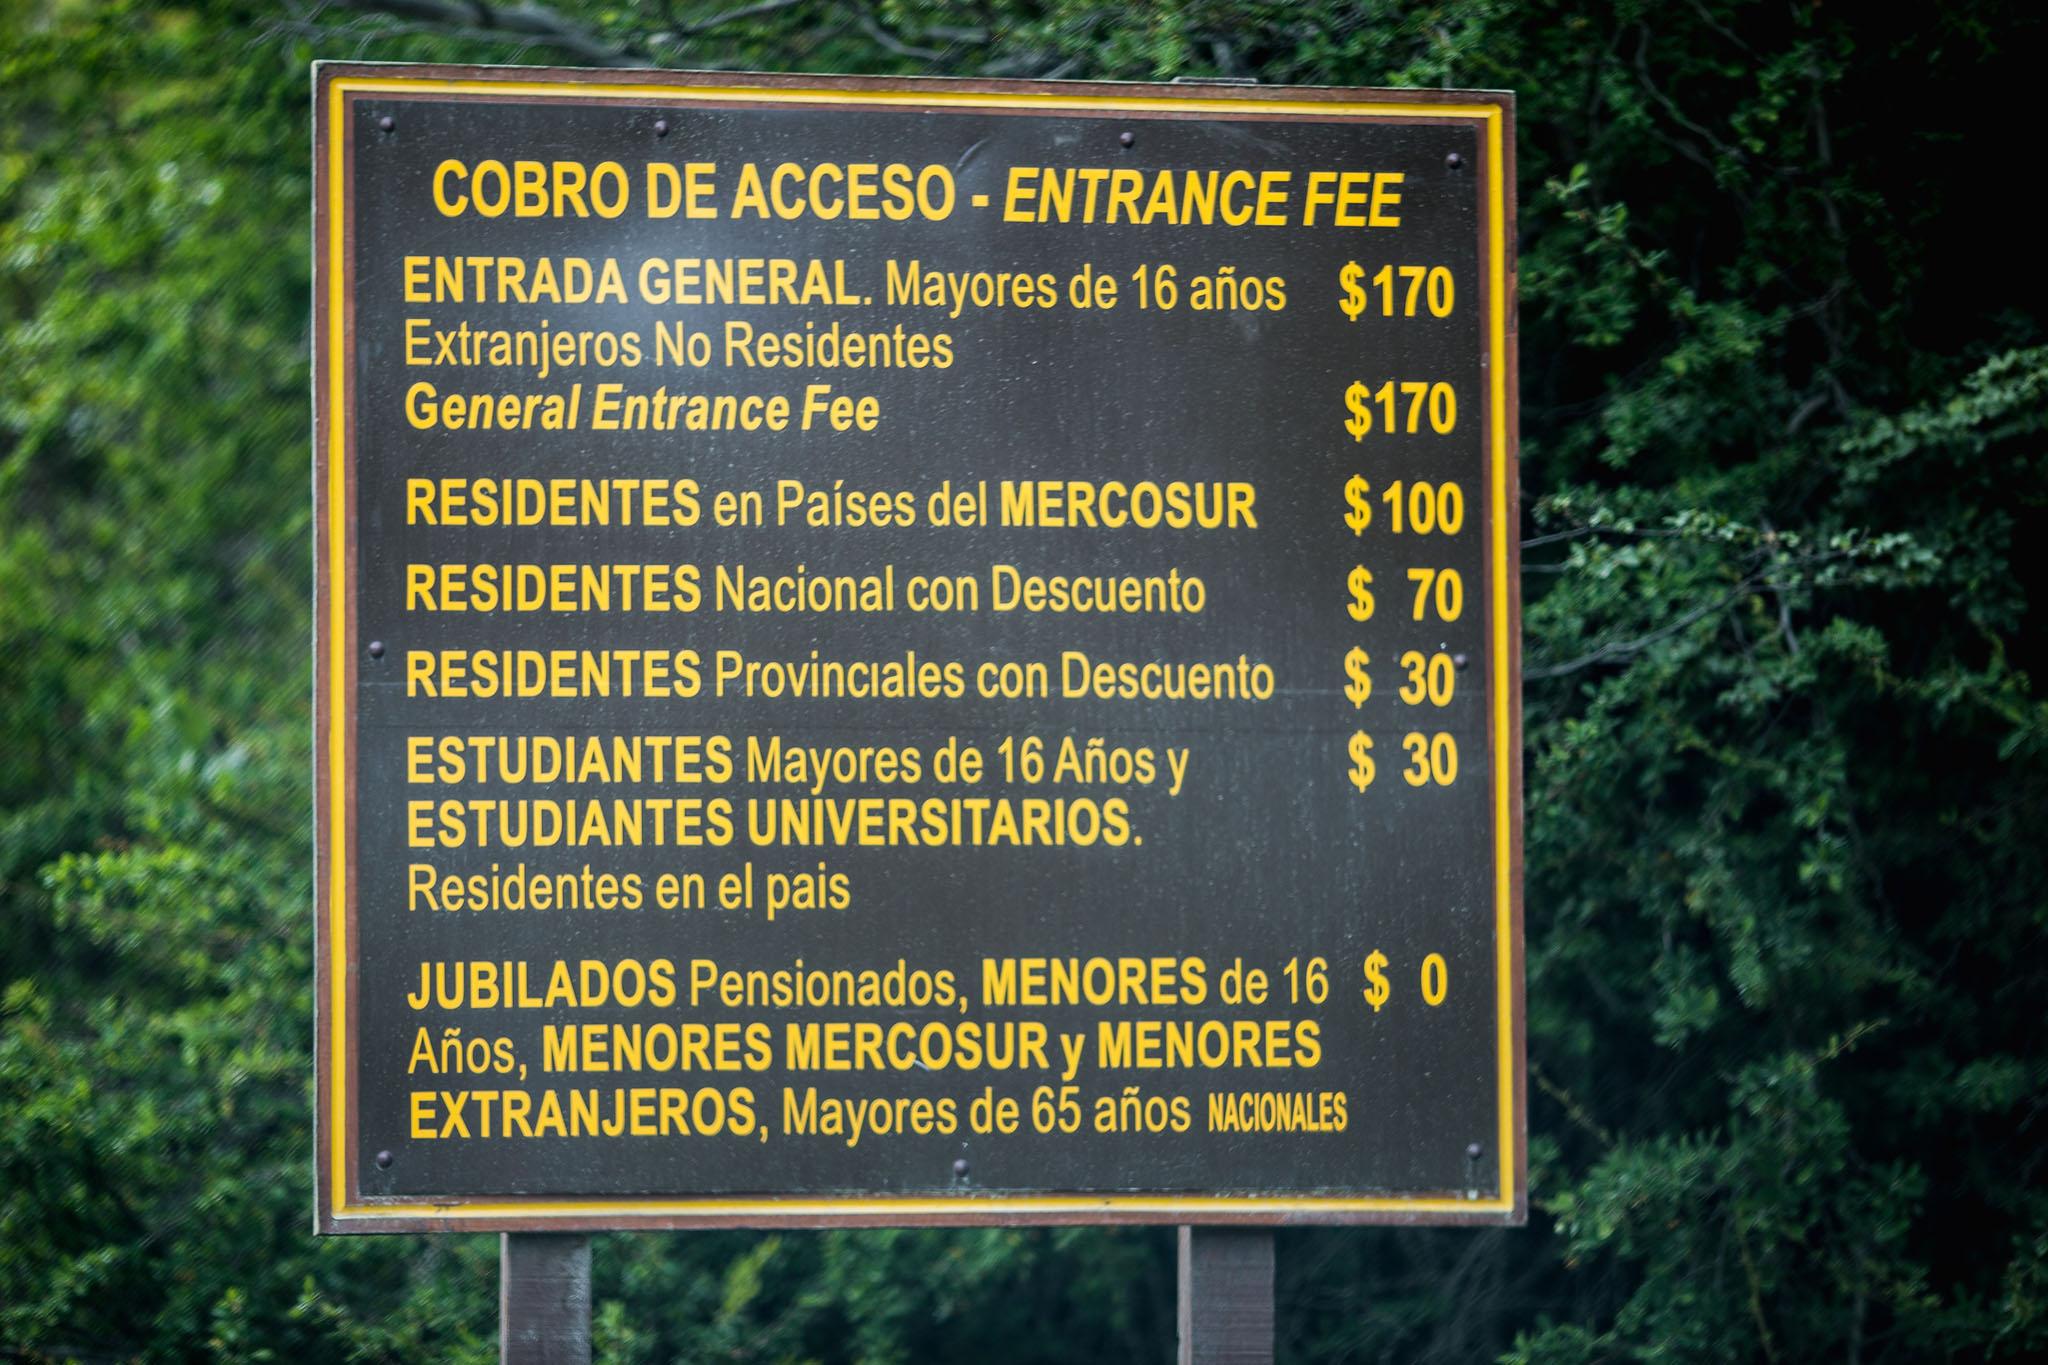 wedding-travellers-tierra-del-fuego-price-entrance-fee